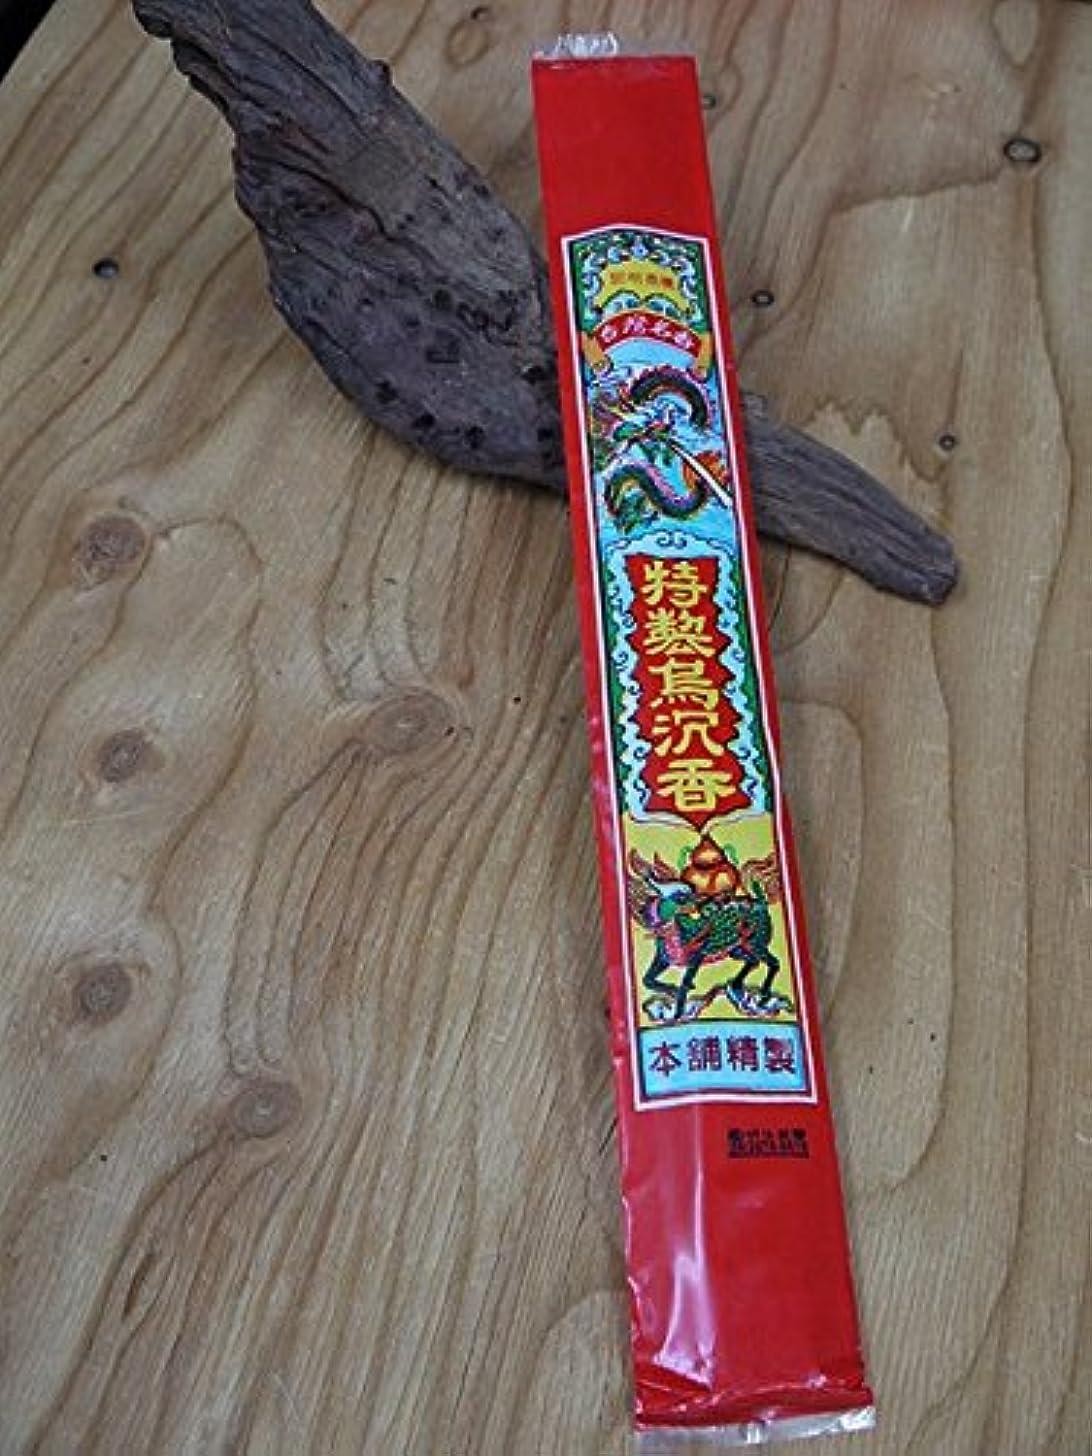 かる懲戒収益特製鳥沈香 台湾のお香「特製鳥沈香」お寺などに供えるポピュラーなお香